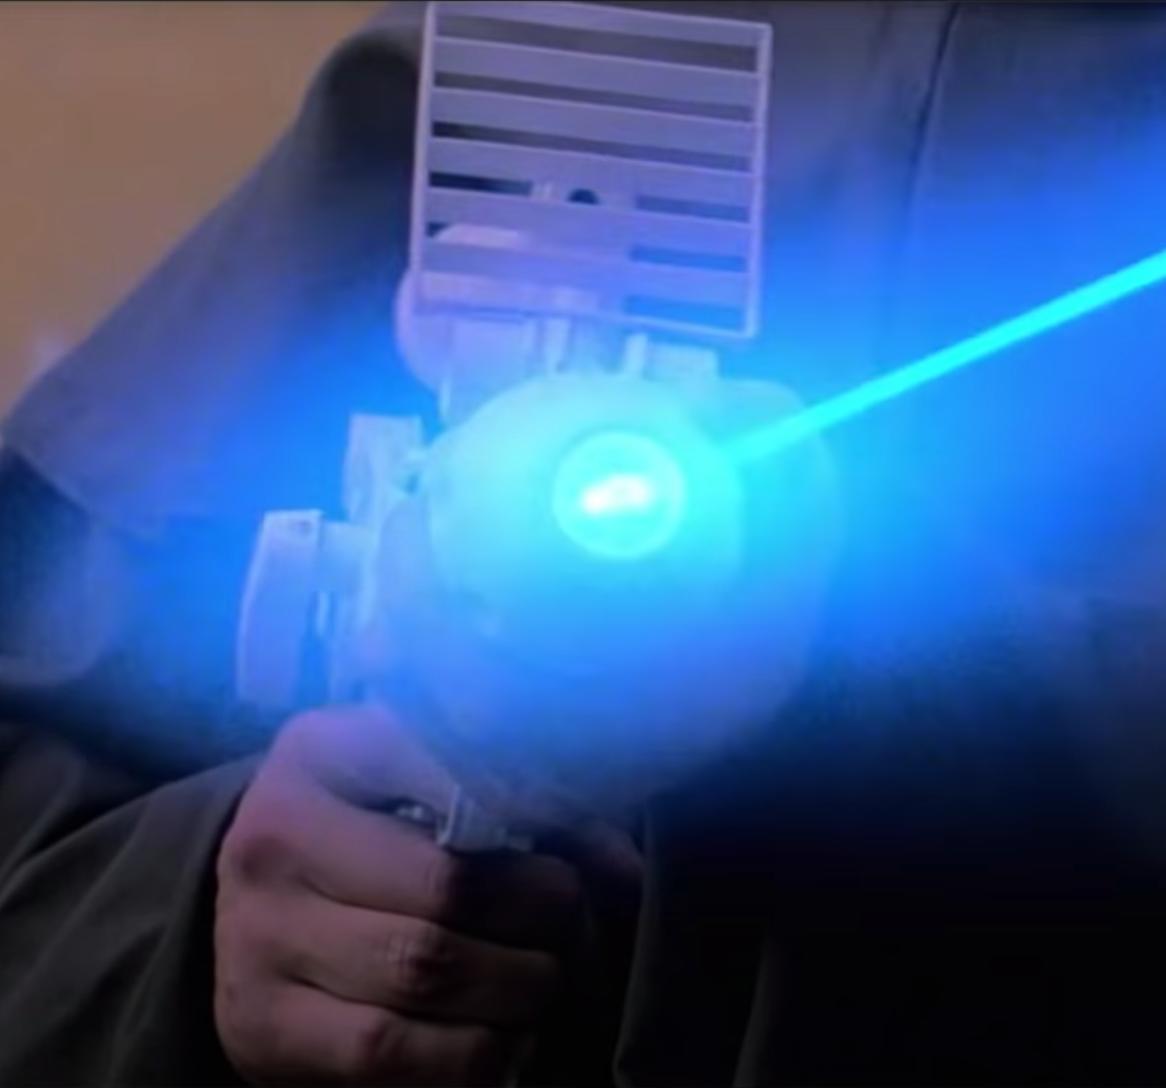 Gadgets - MR - Laser